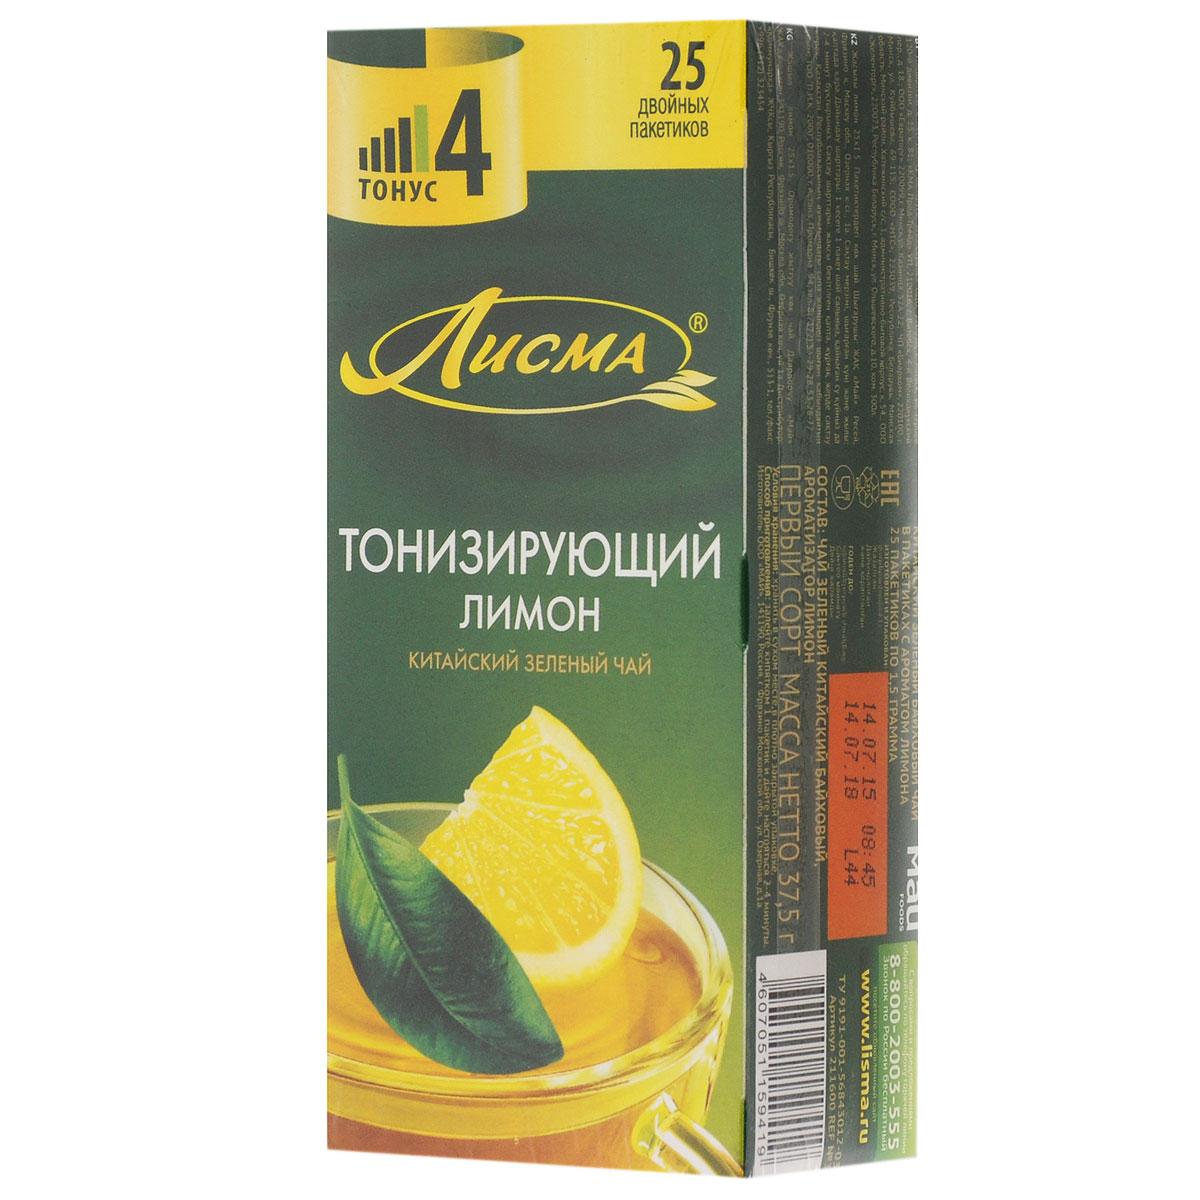 Лисма Тонизирующий лимон зеленый чай в пакетиках, 25 шт